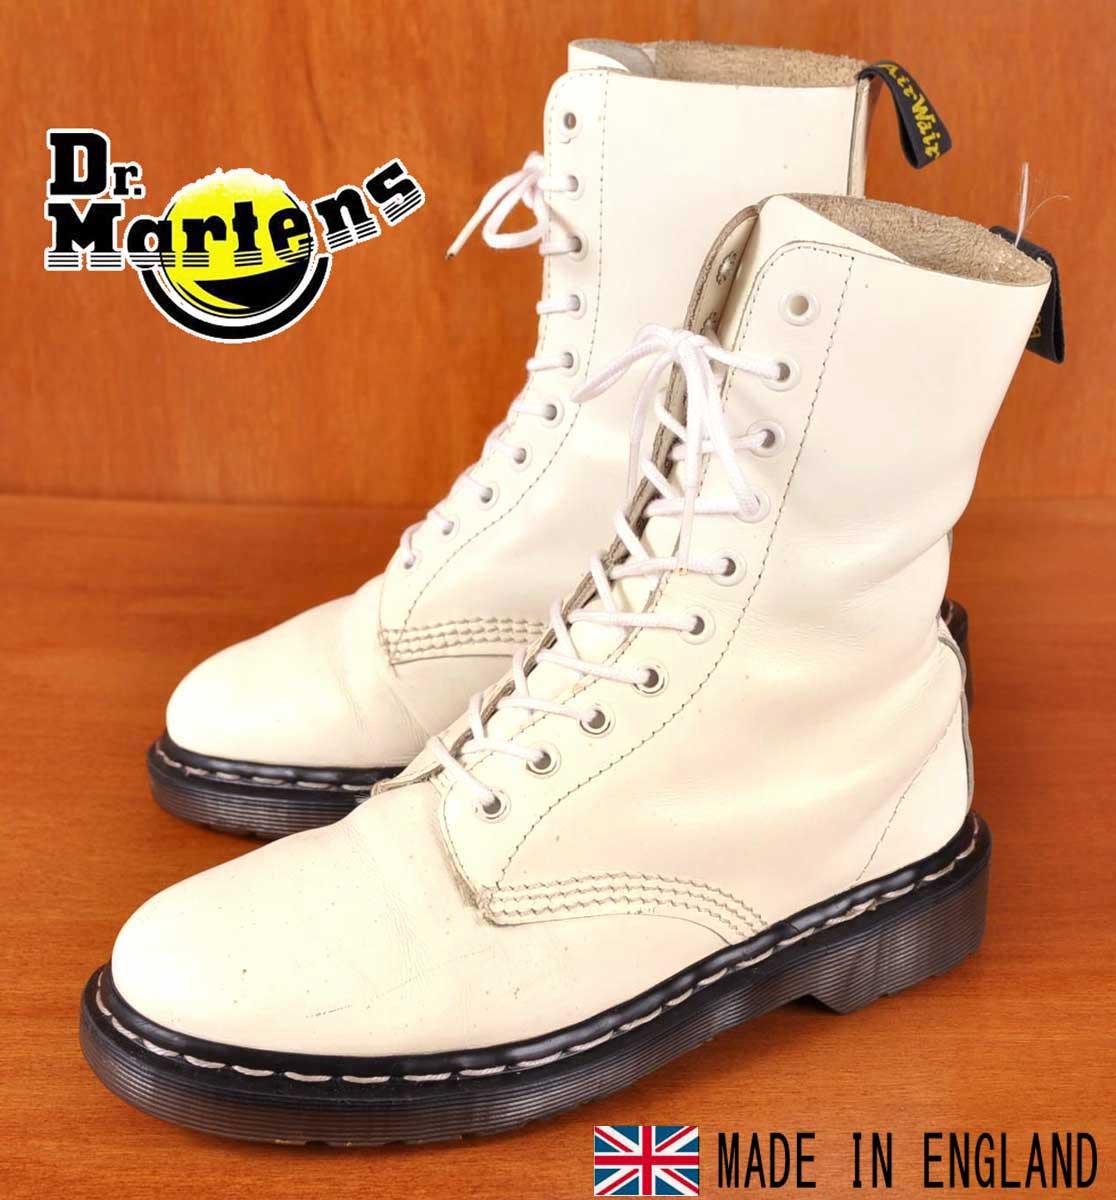 イングランド製 ヴィンテージ / Dr.martens ドクターマーチン / 10ホールブーツ / ホワイト レザー ホワイトステッチ / UK5 JPN24.0cm【中古】▽